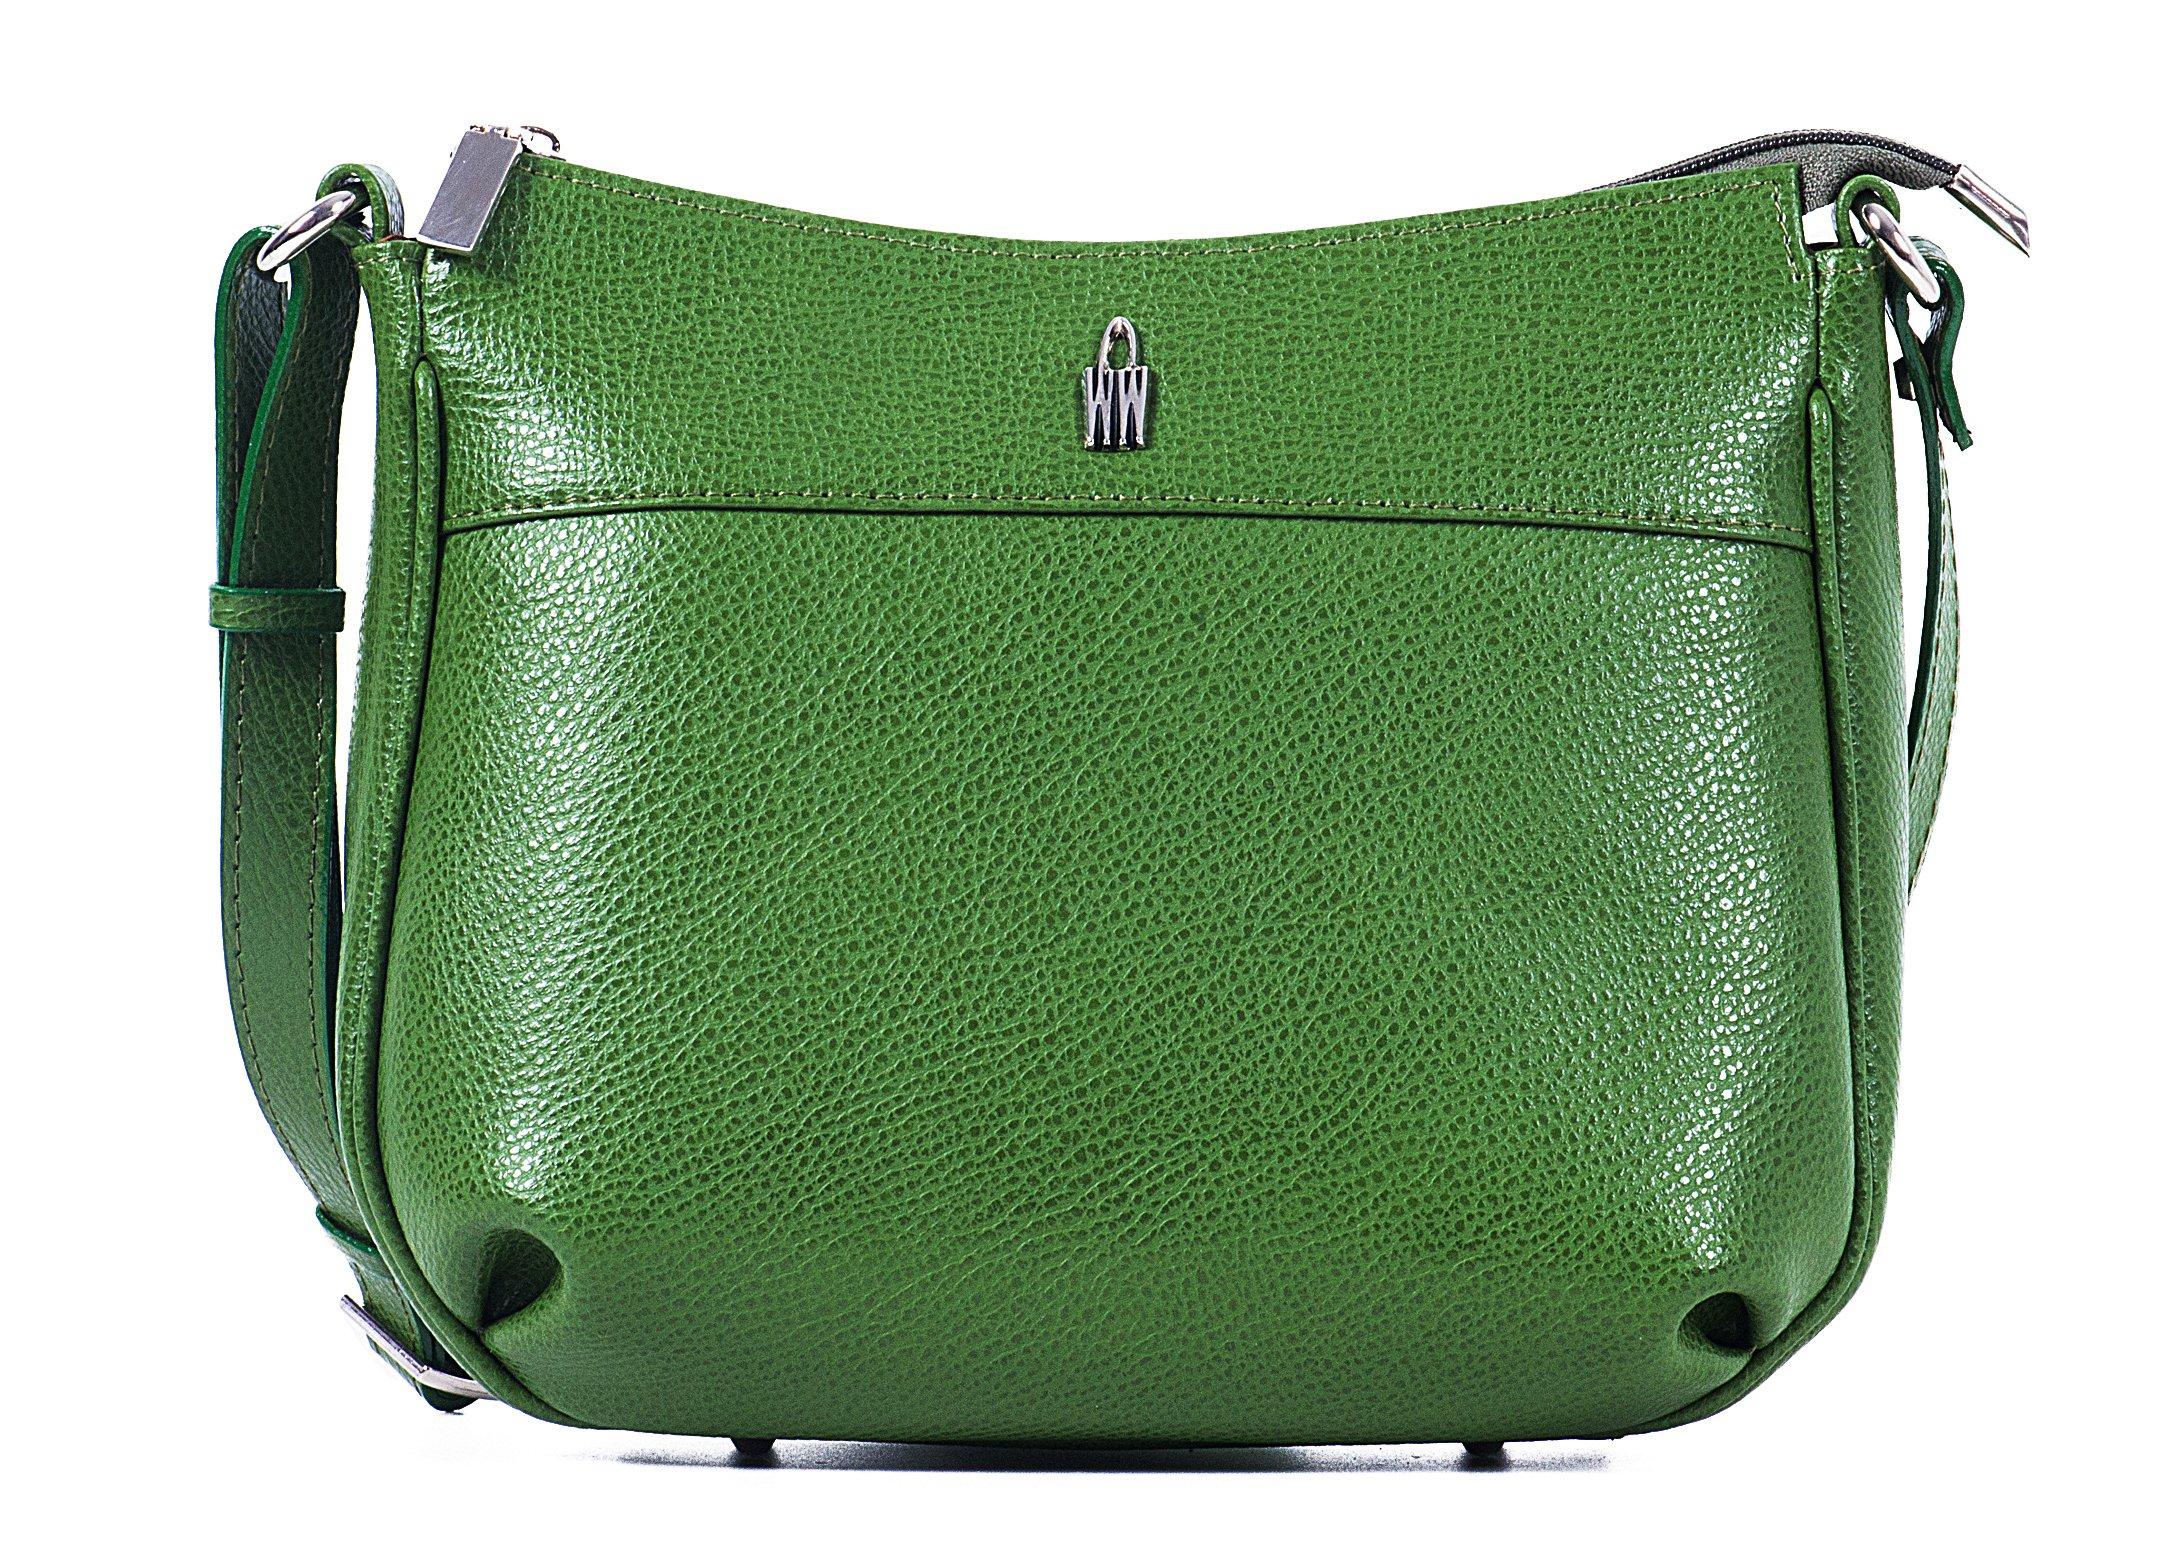 Luxusní kožené crossbody kabelky 31303/OL11 Izabela zelené Wojewodzic